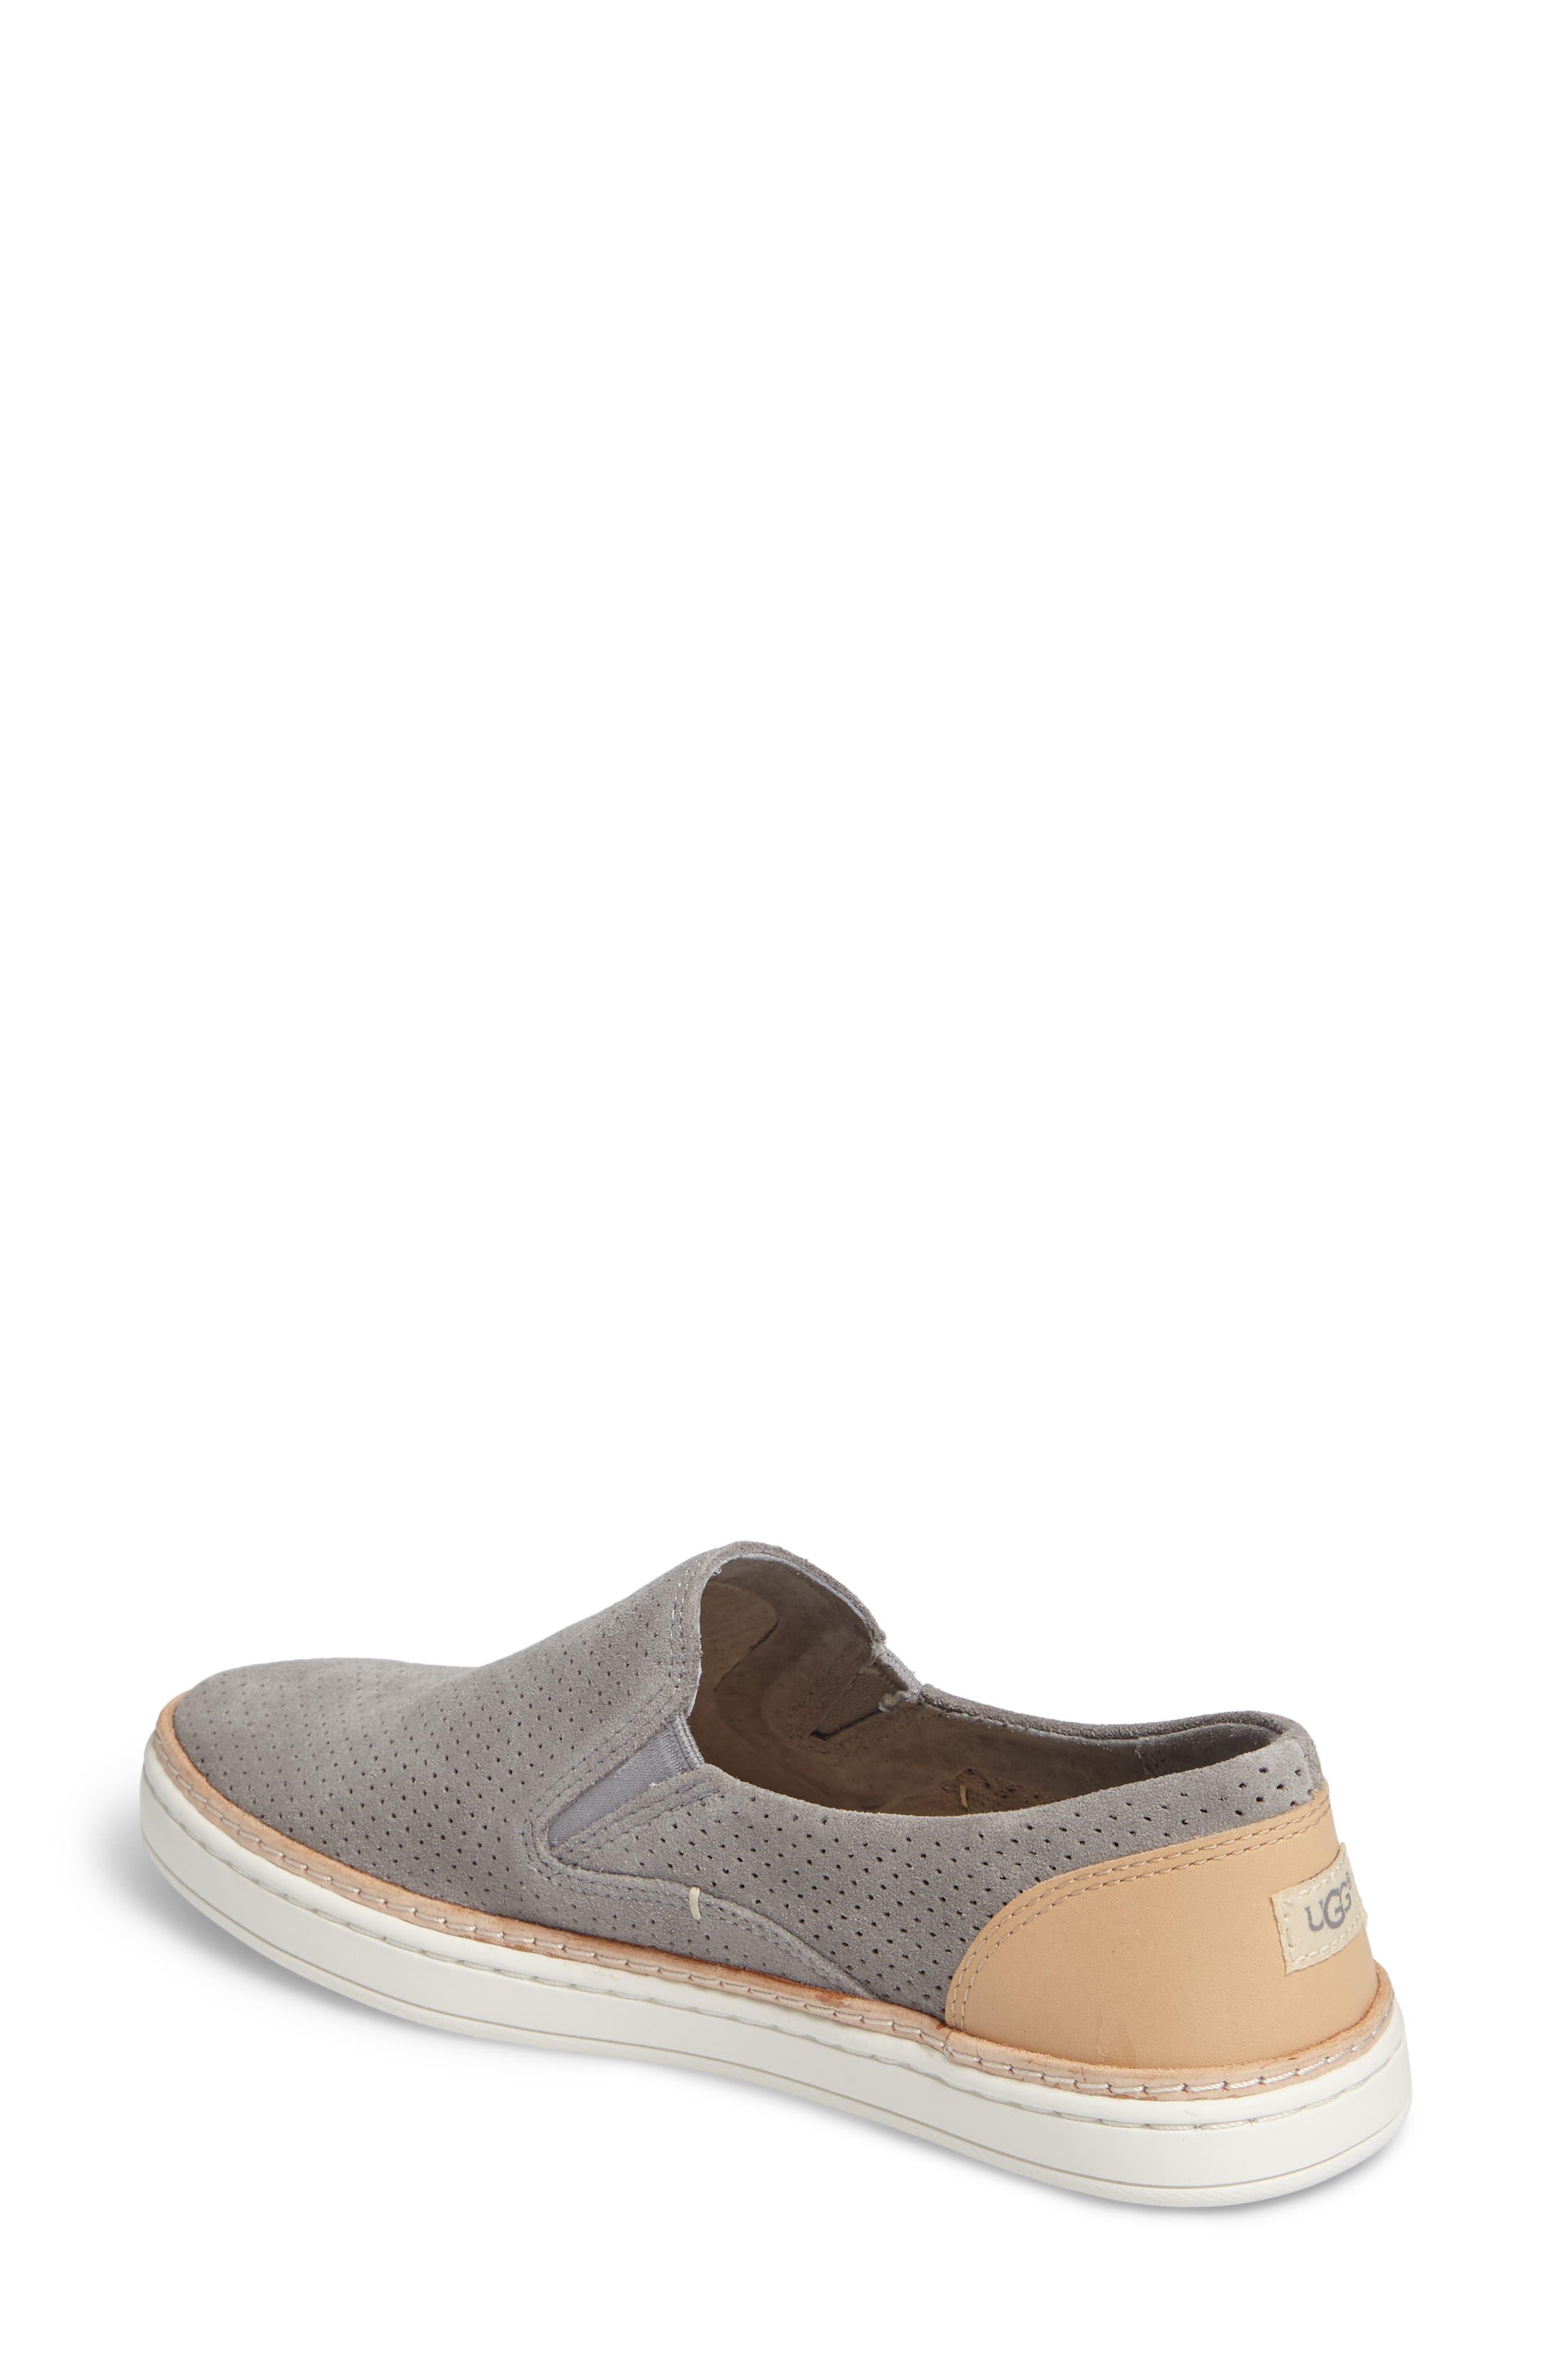 Adley Slip-On Sneaker,                             Alternate thumbnail 15, color,